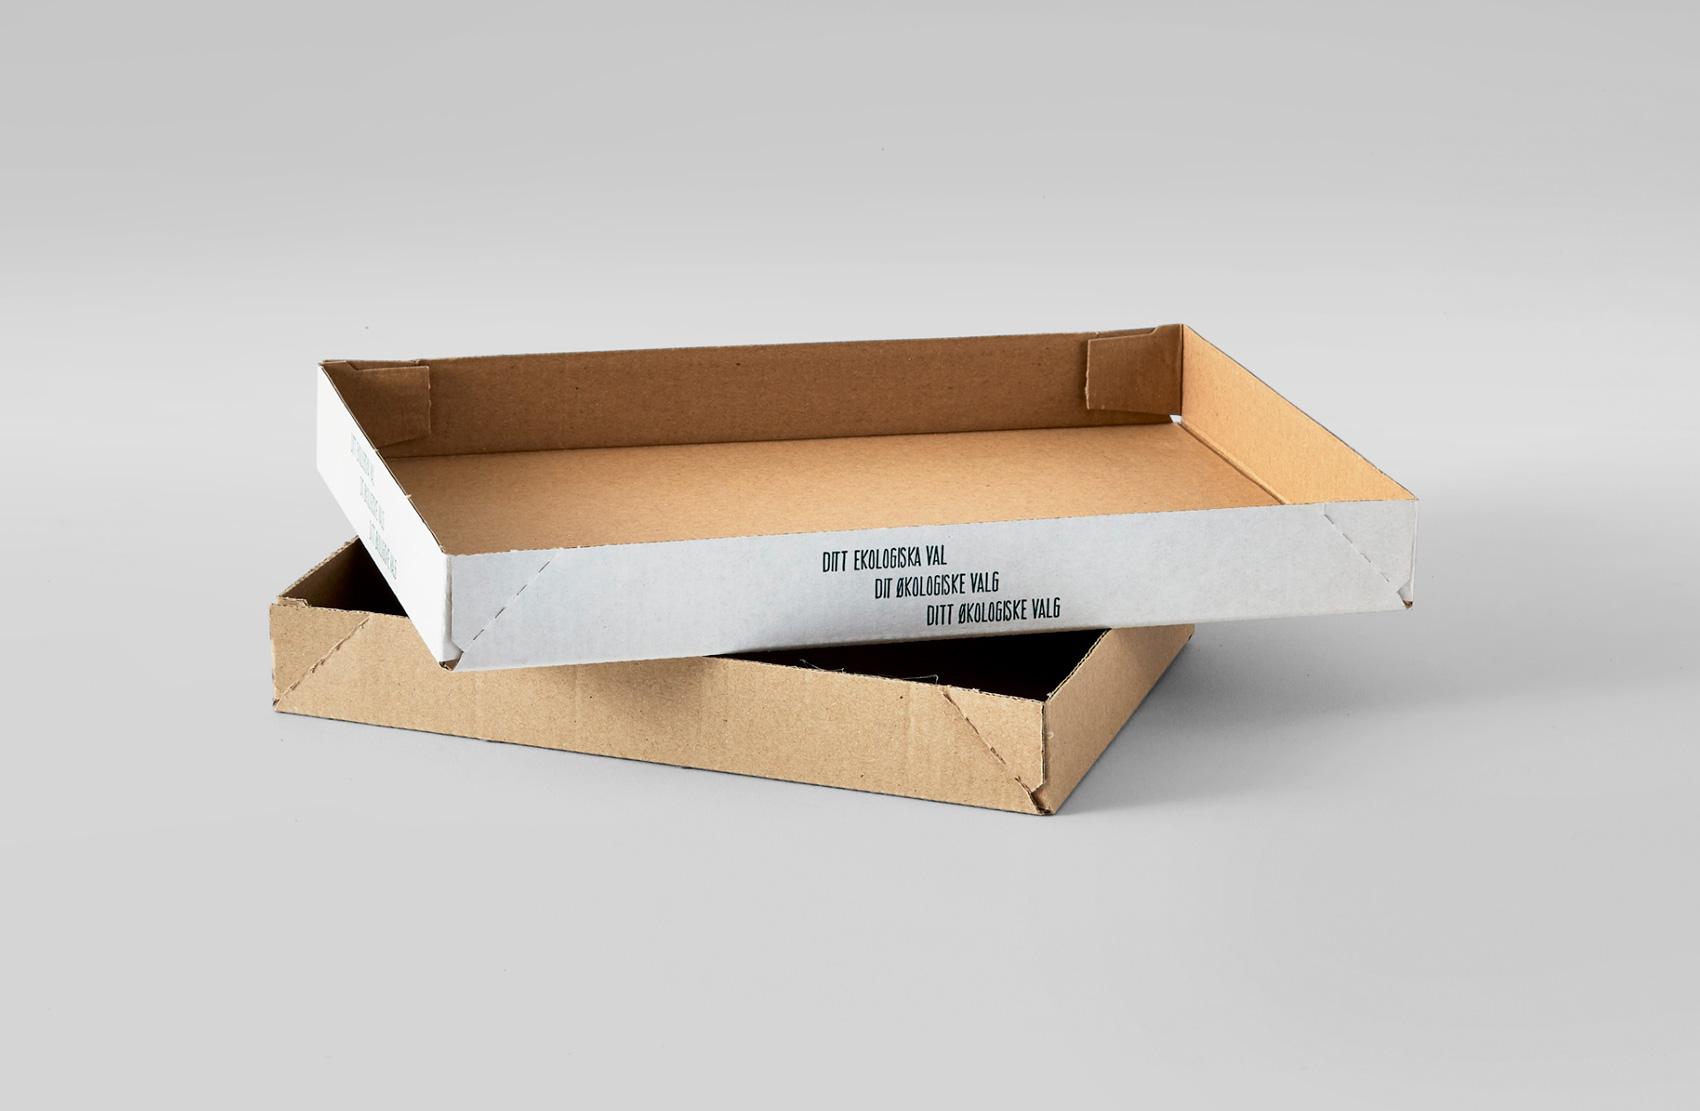 Den usædvanlig lave bakkekant – kun 30 mm – lader produkterne komme til deres ret på hylden